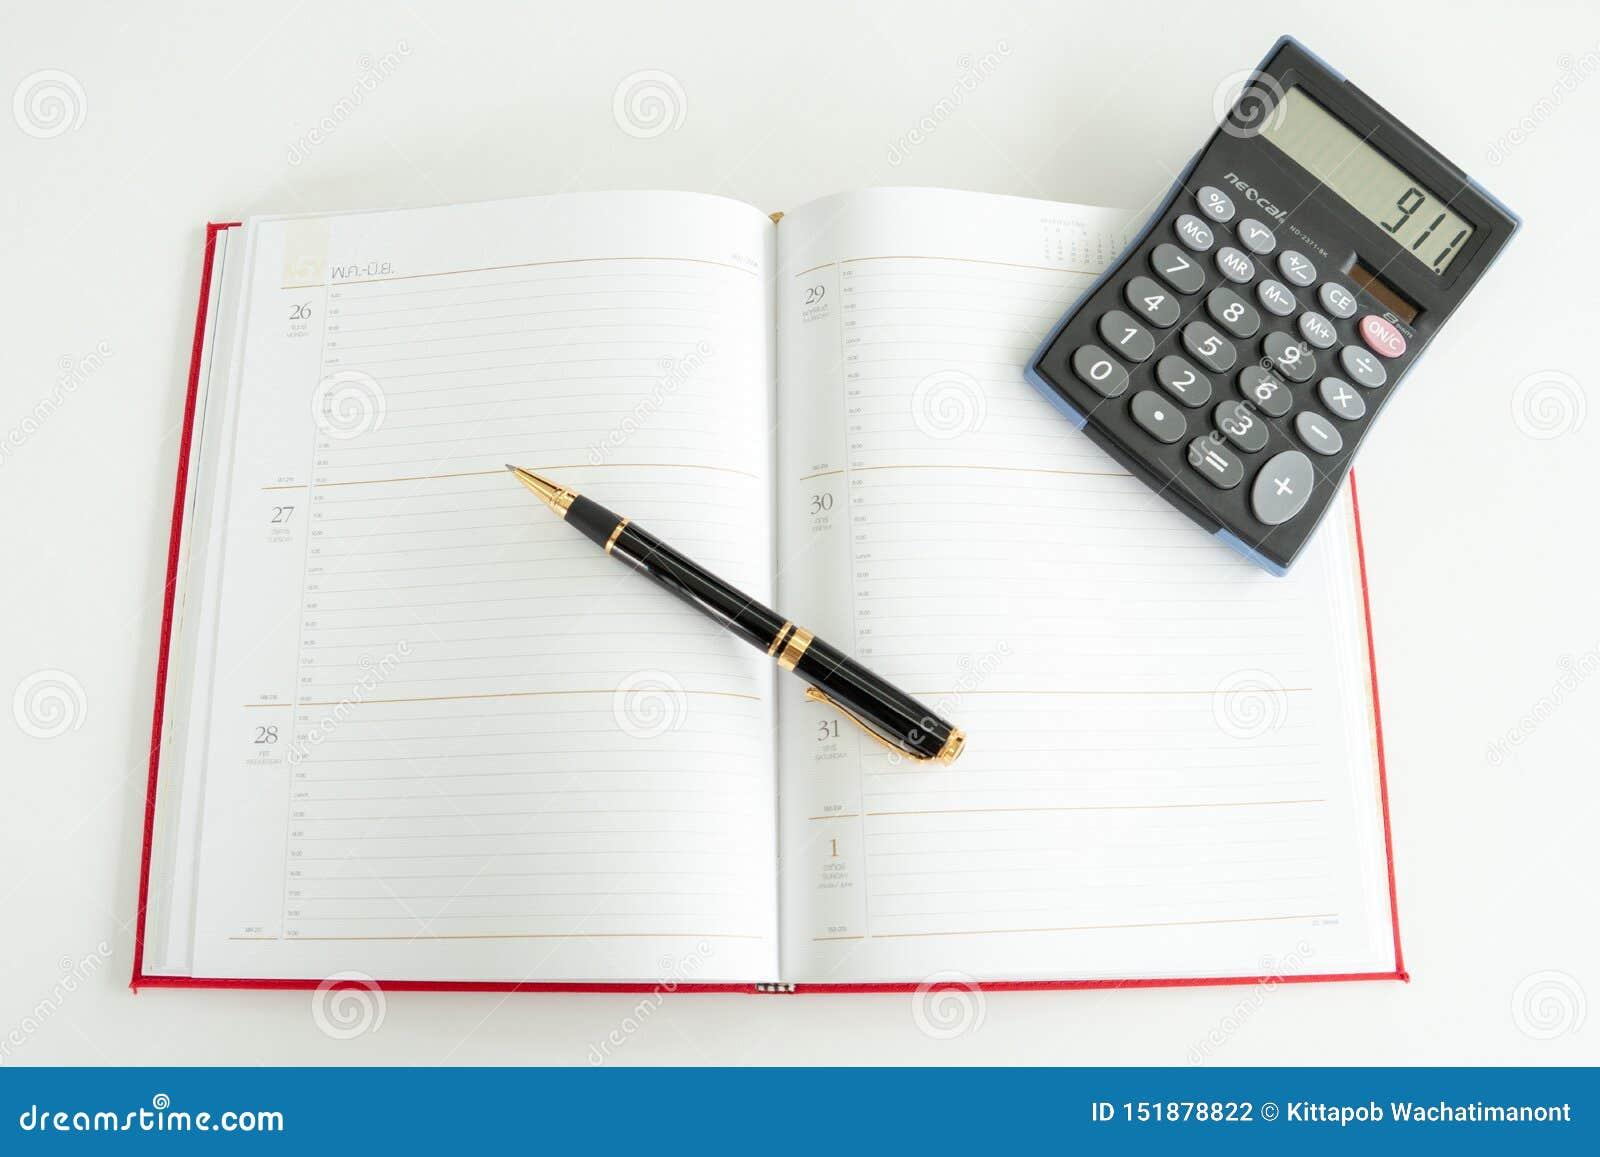 O livro diário do plano espalhou para fora com uma pena e uma calculadora de fonte nele